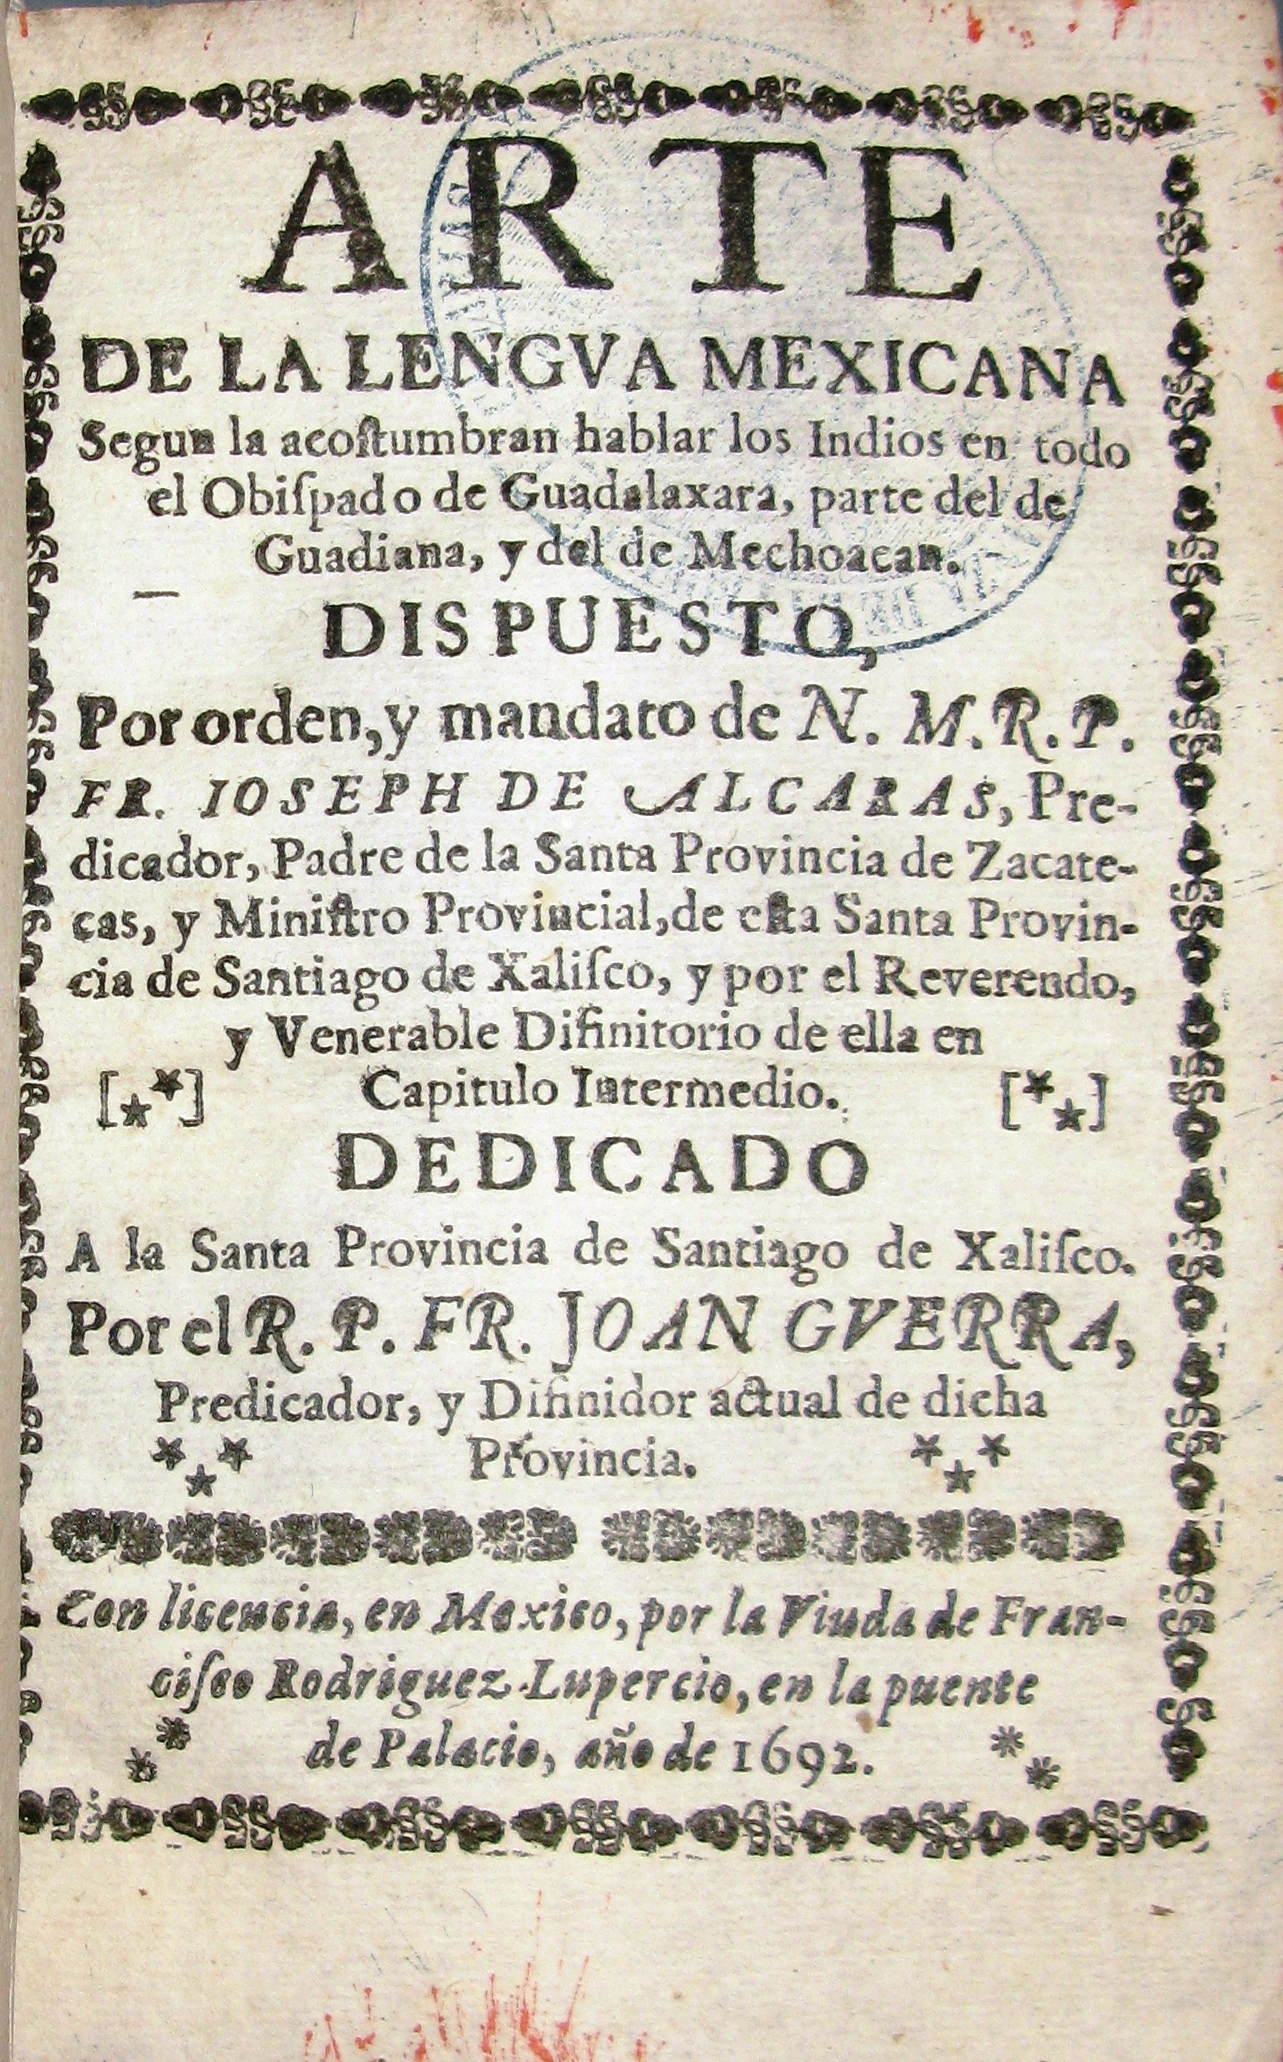 Guerra. Arte de la Lengua mexicana (port.